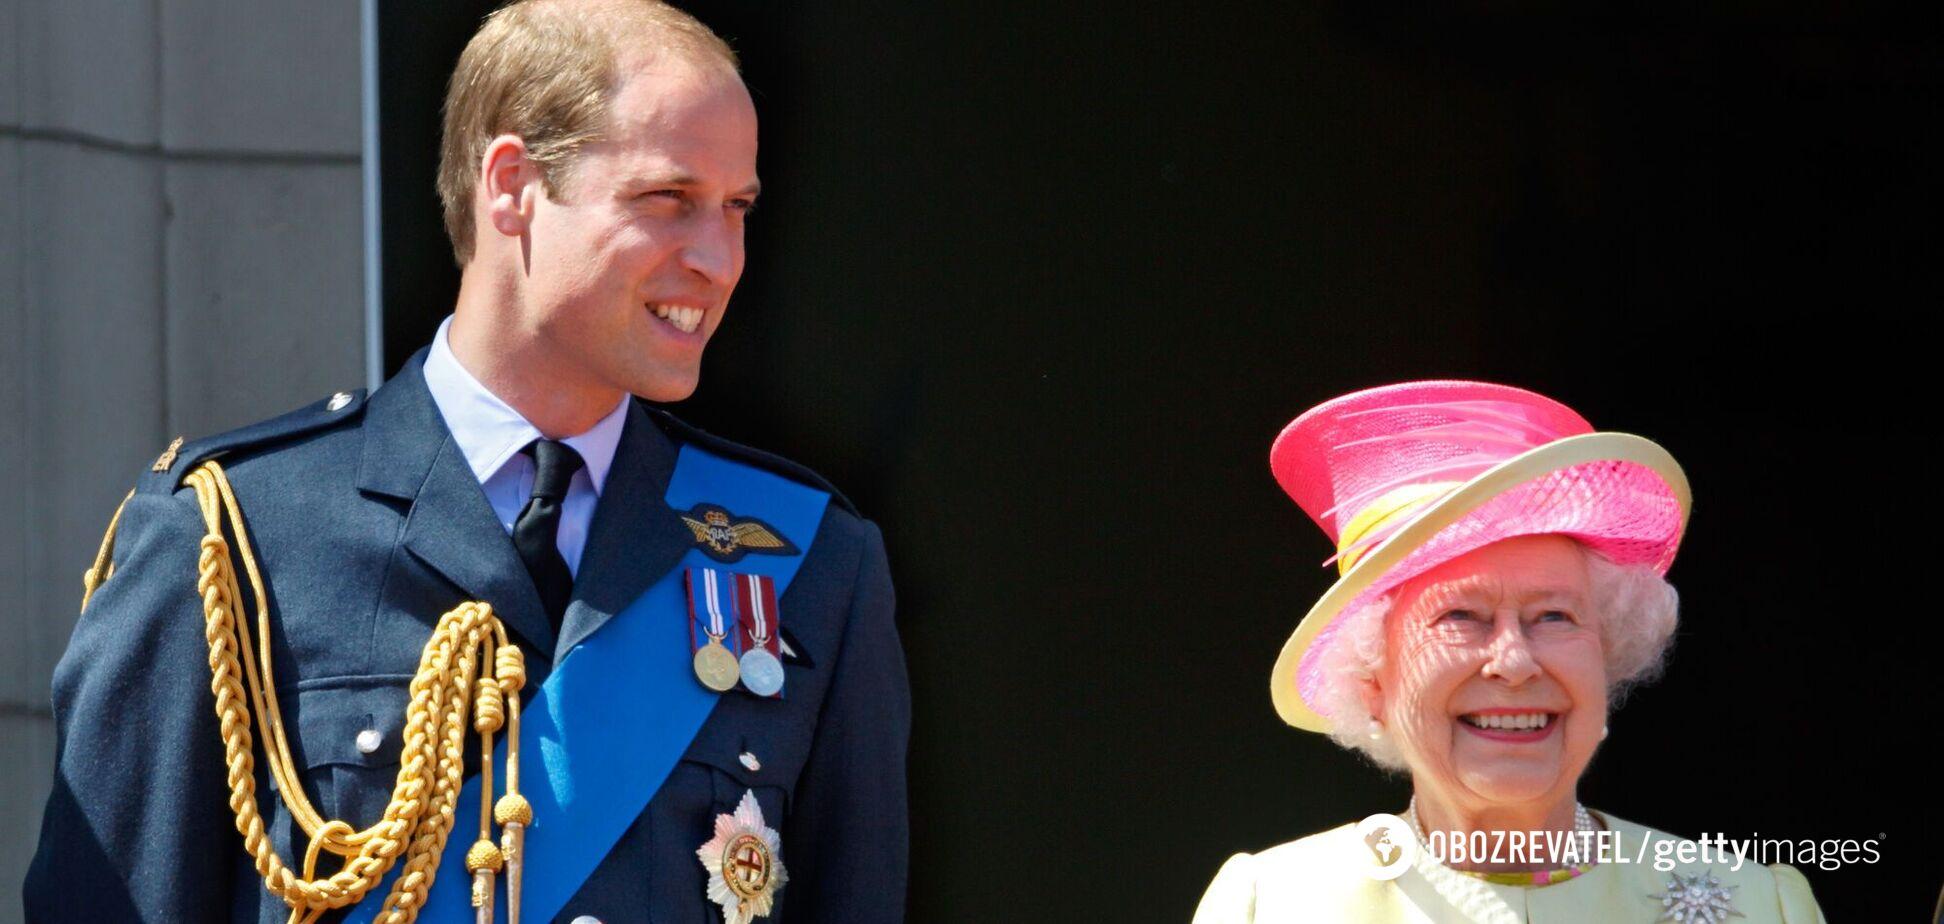 Британцы хотят, чтобы будущим королем стал принц Уильям – опрос